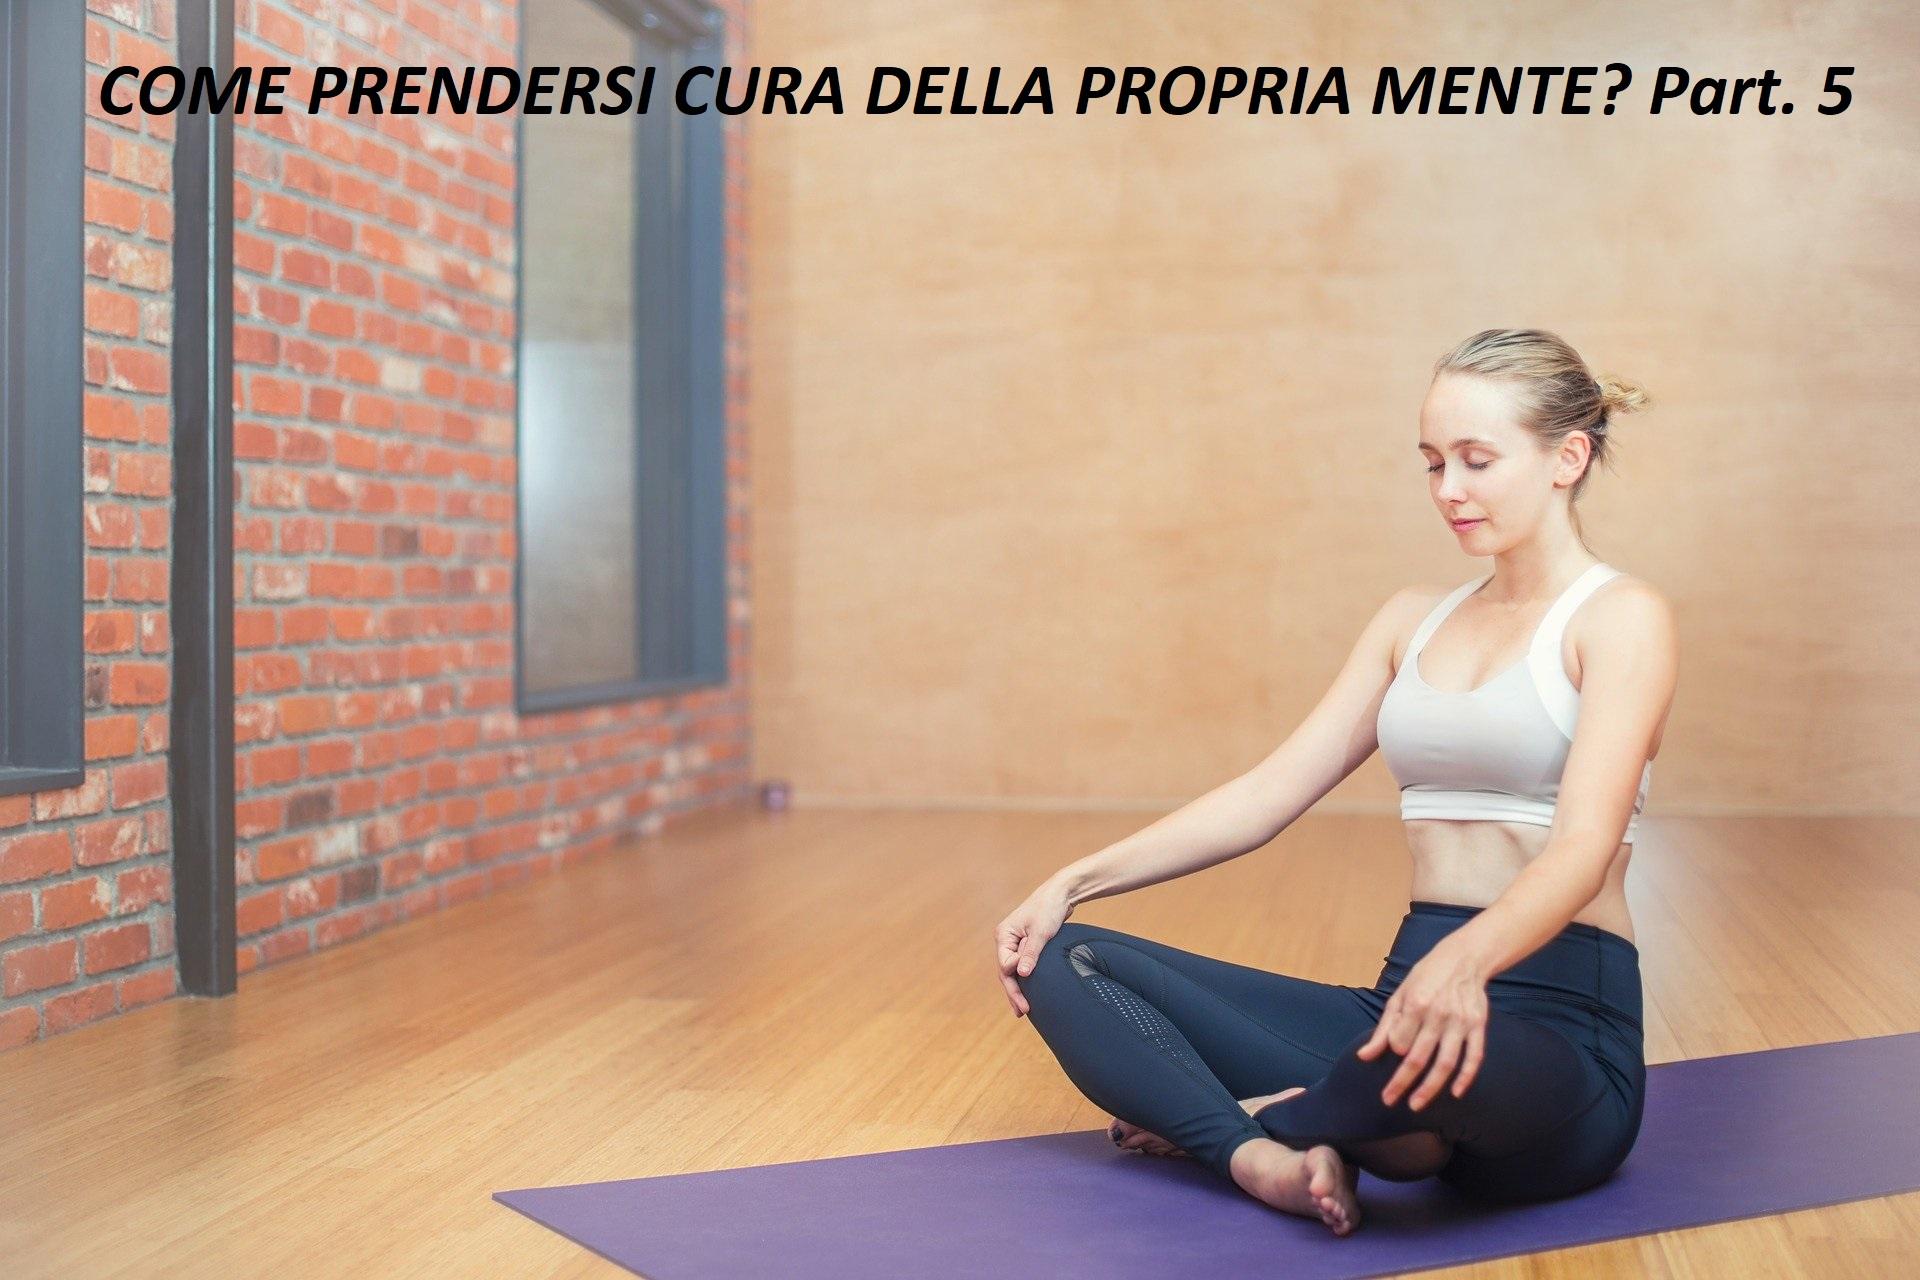 COME PRENDERSI CURA DELLA PROPRIA MENTE? Part. 5